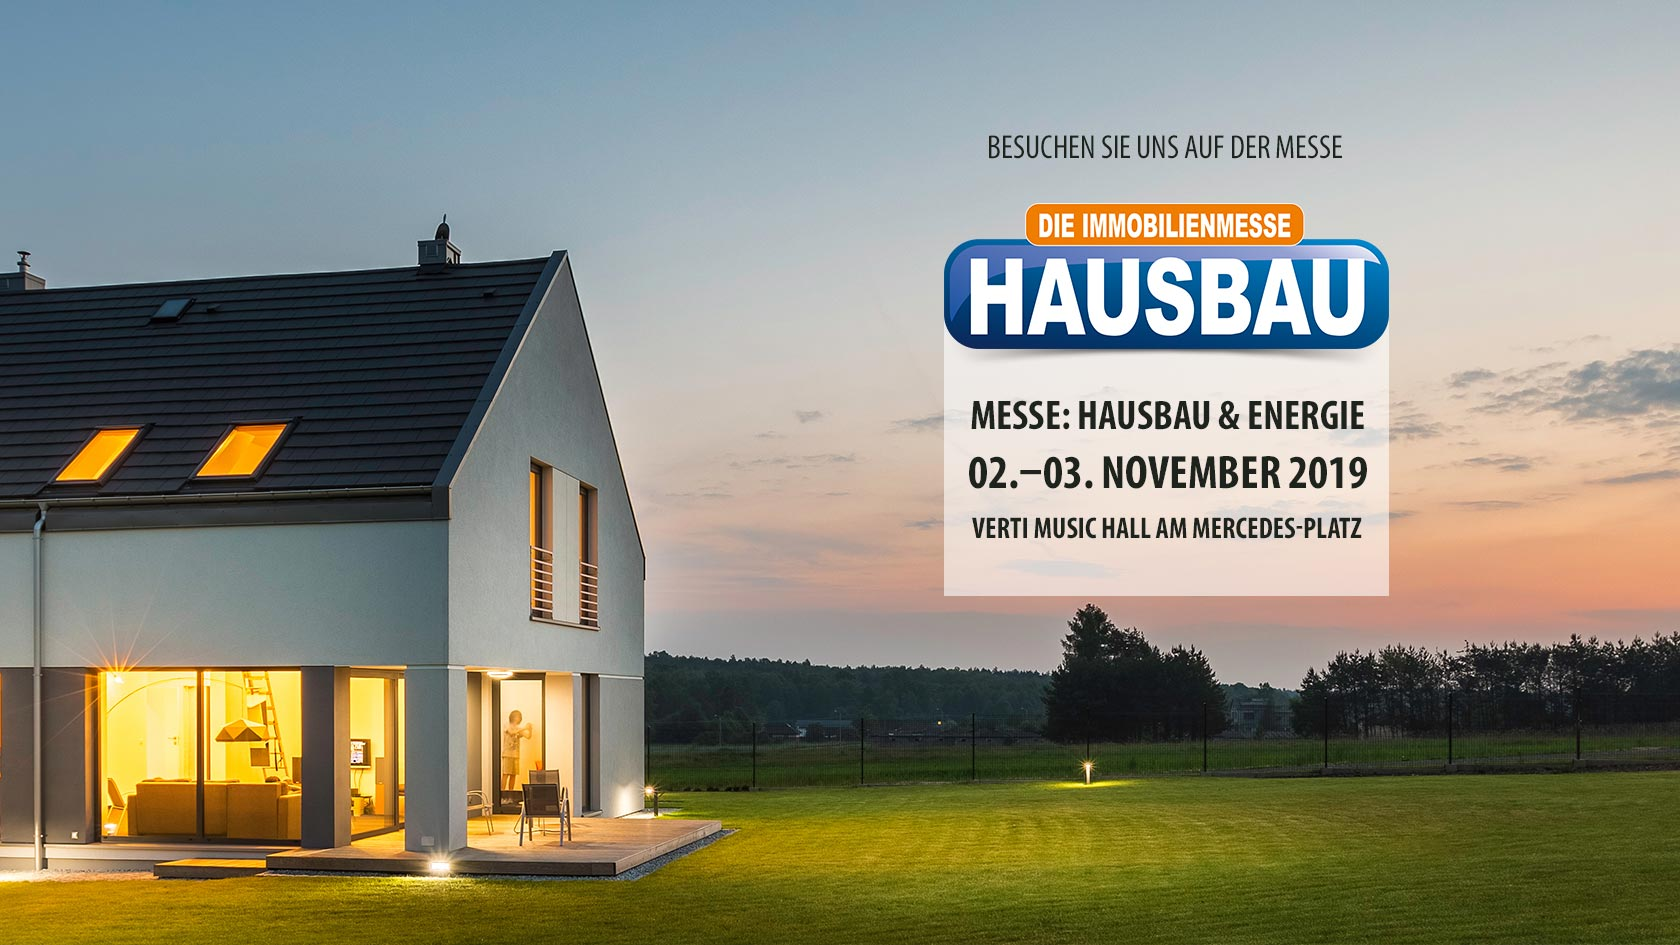 messe_hausbau_und_energie_november_2019